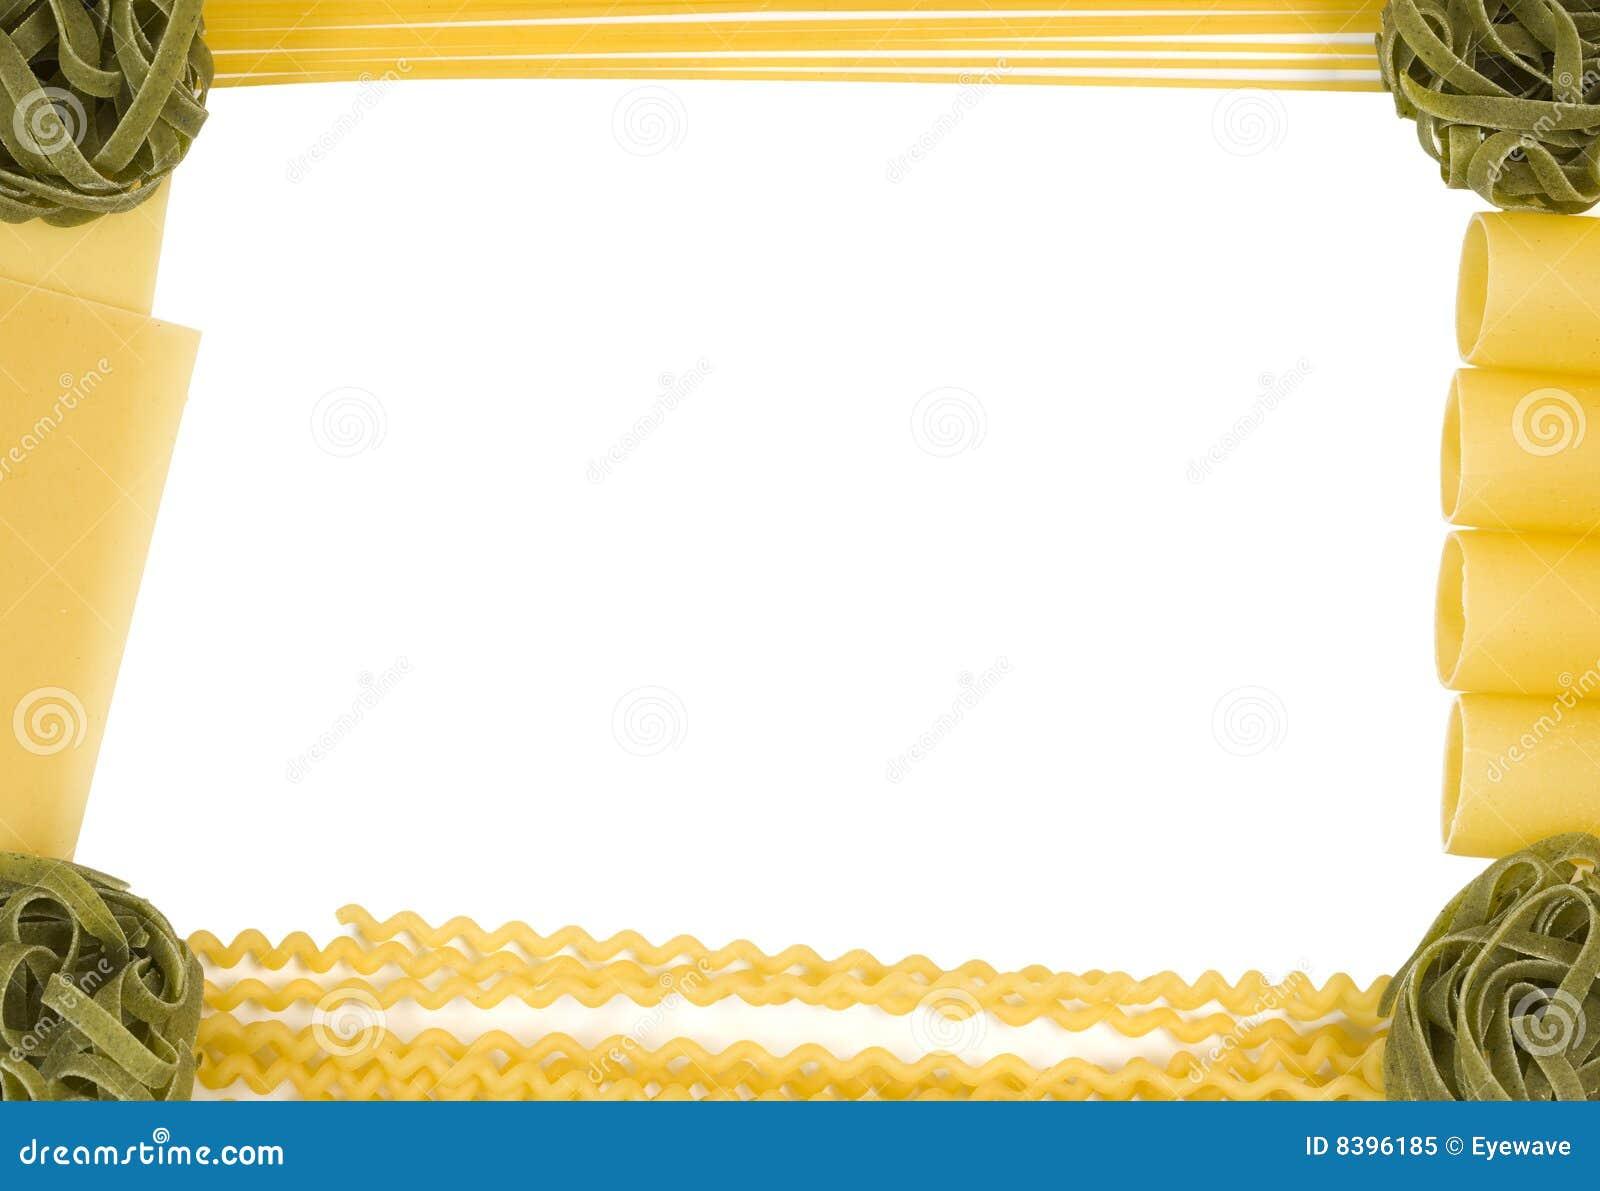 ... - Image: 8396185 Spaghetti Border Clip Art Spaghetti Border Clip Art